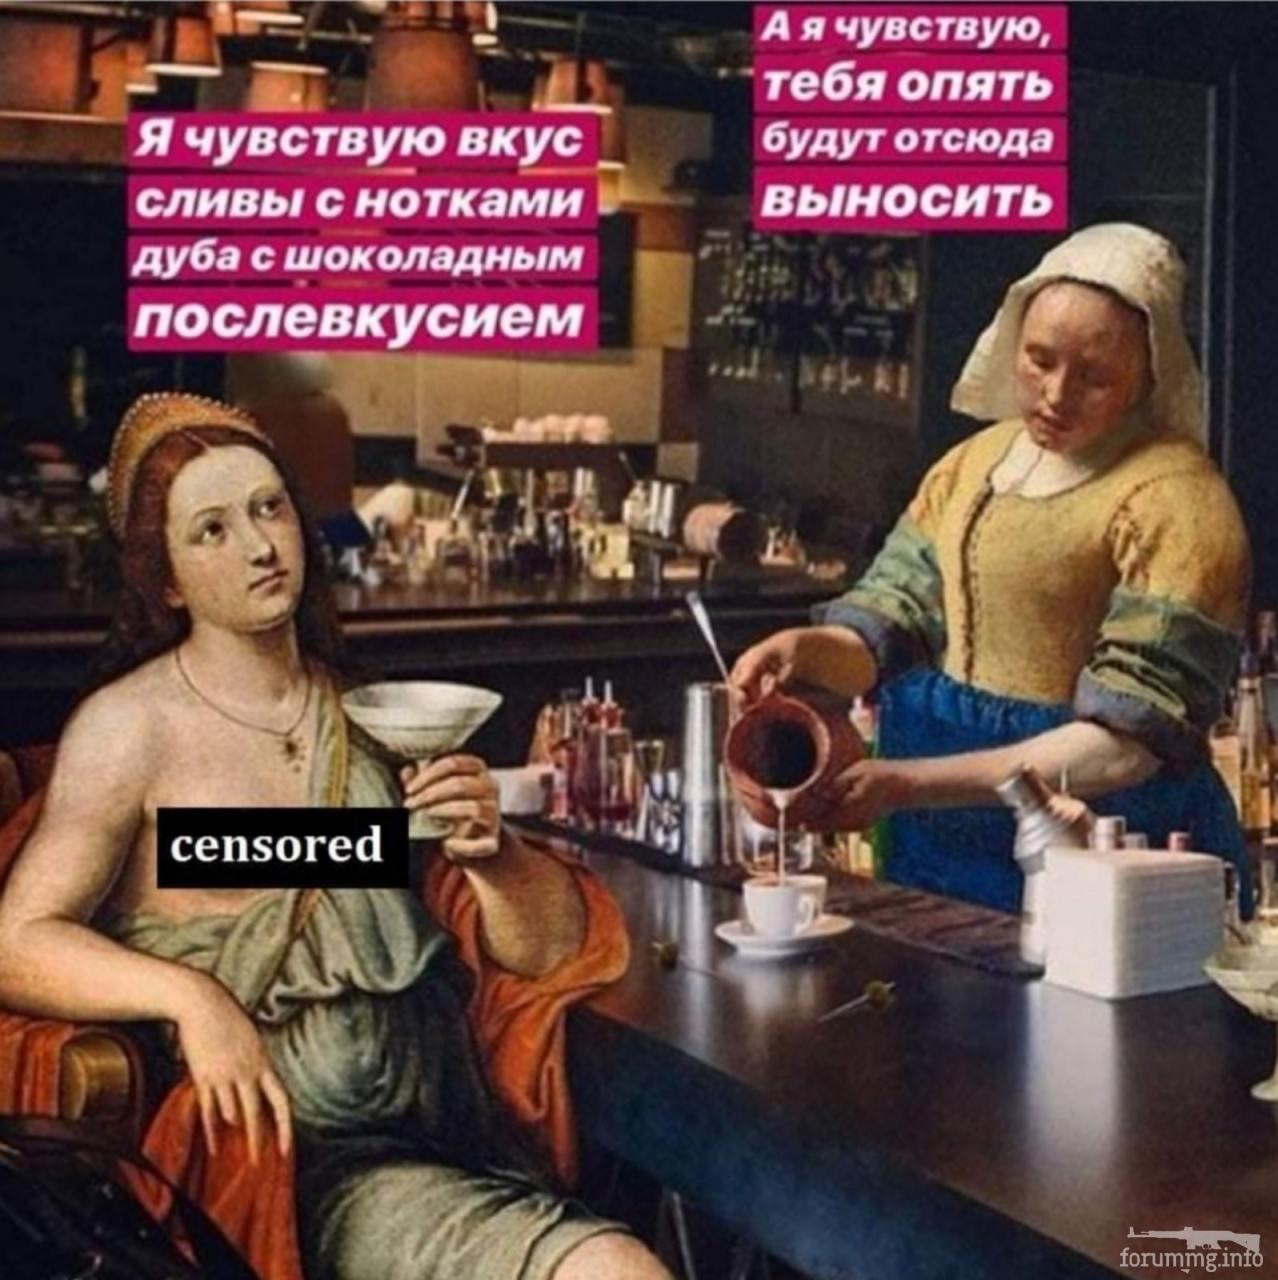 127925 - Пить или не пить? - пятничная алкогольная тема )))